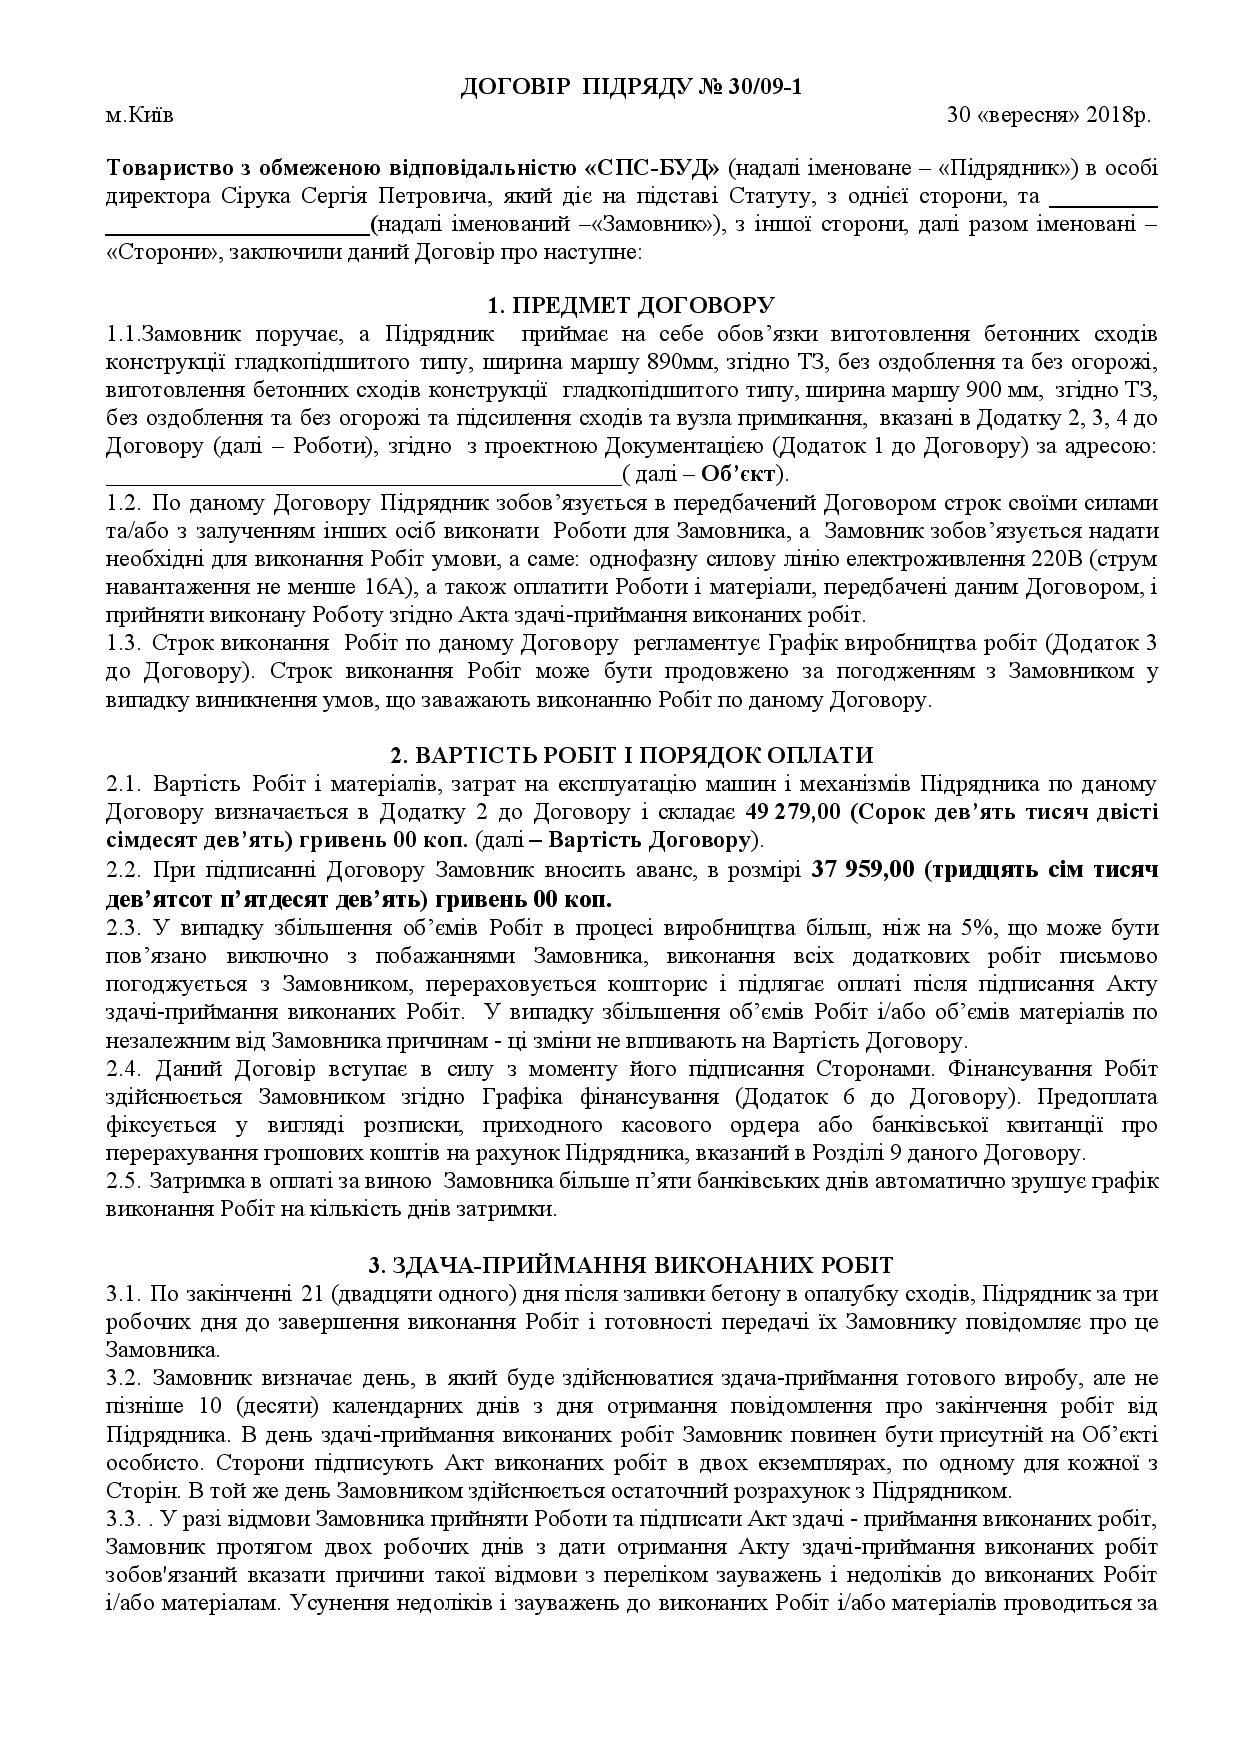 Зразок договору сторінка 1